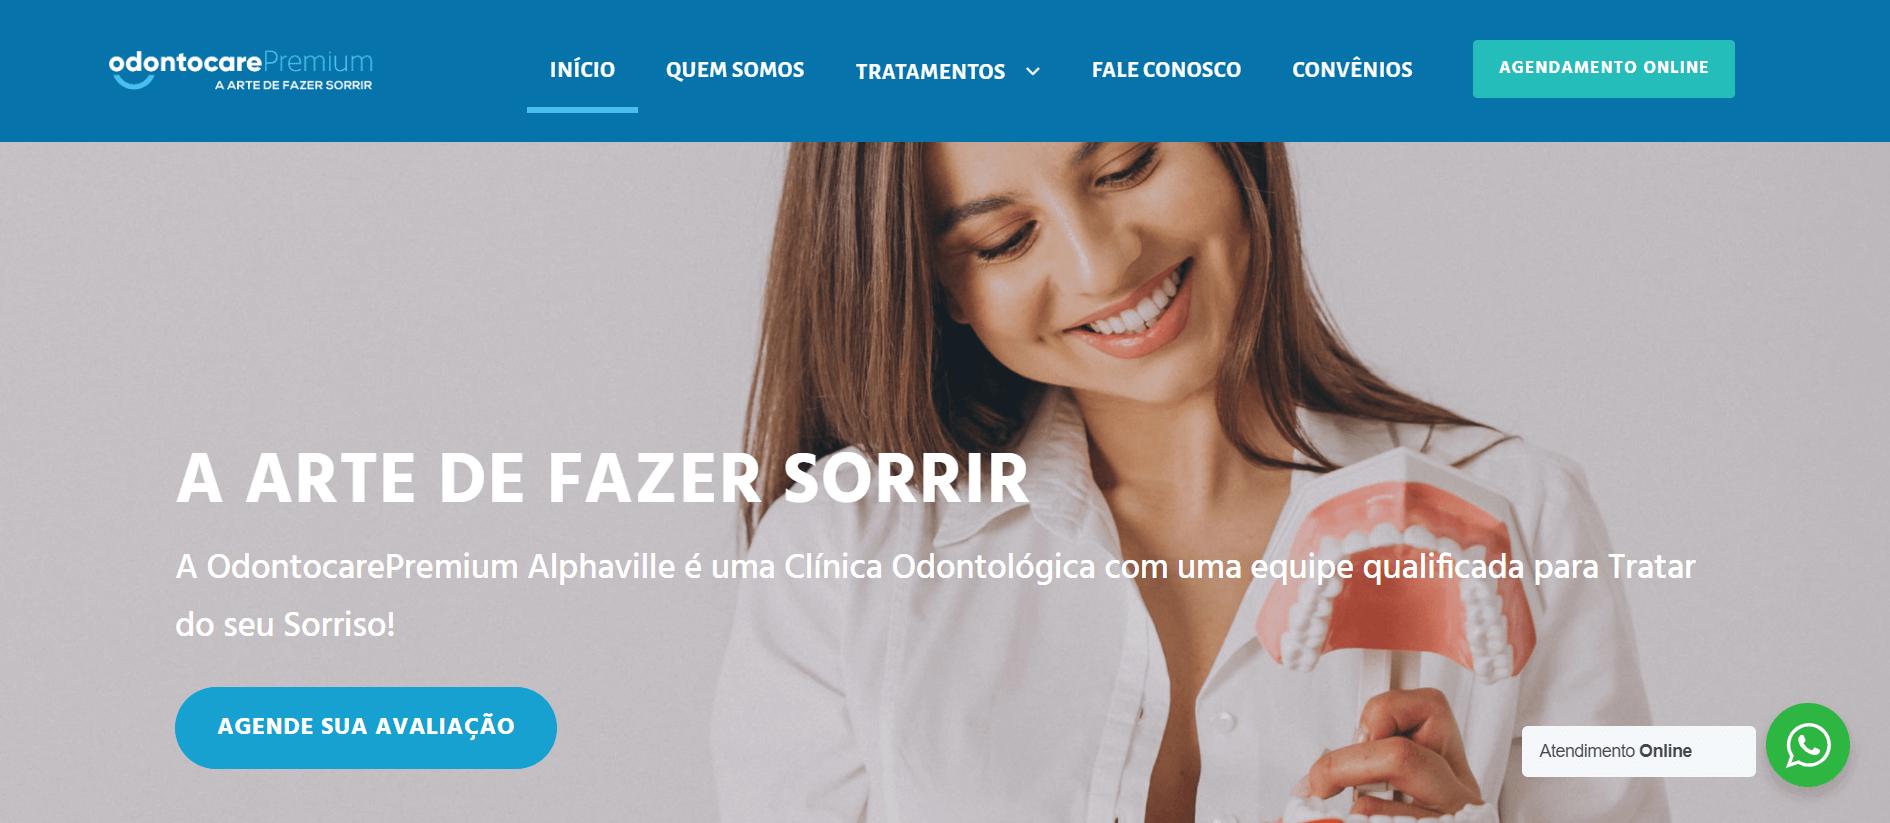 Agência-de-Marketing-Digital-Expert-Osasco-Case-OdontocarePremium